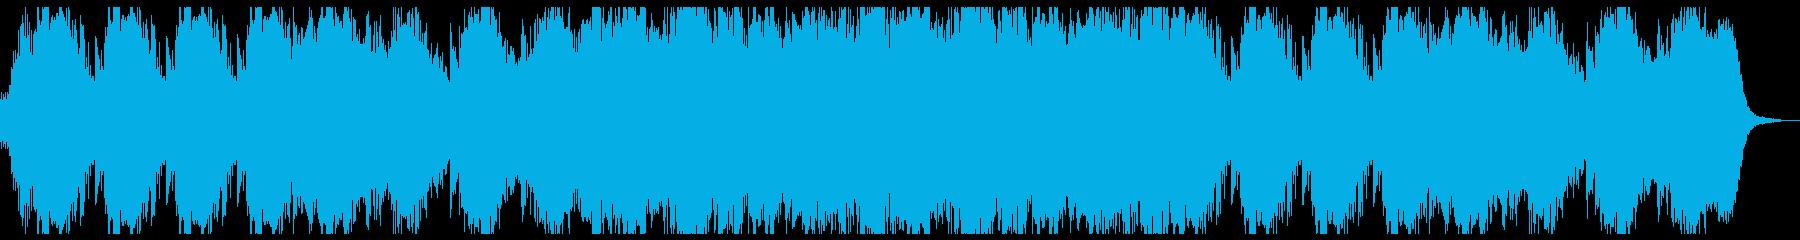 近未来的な出会いを感じるBGMの再生済みの波形